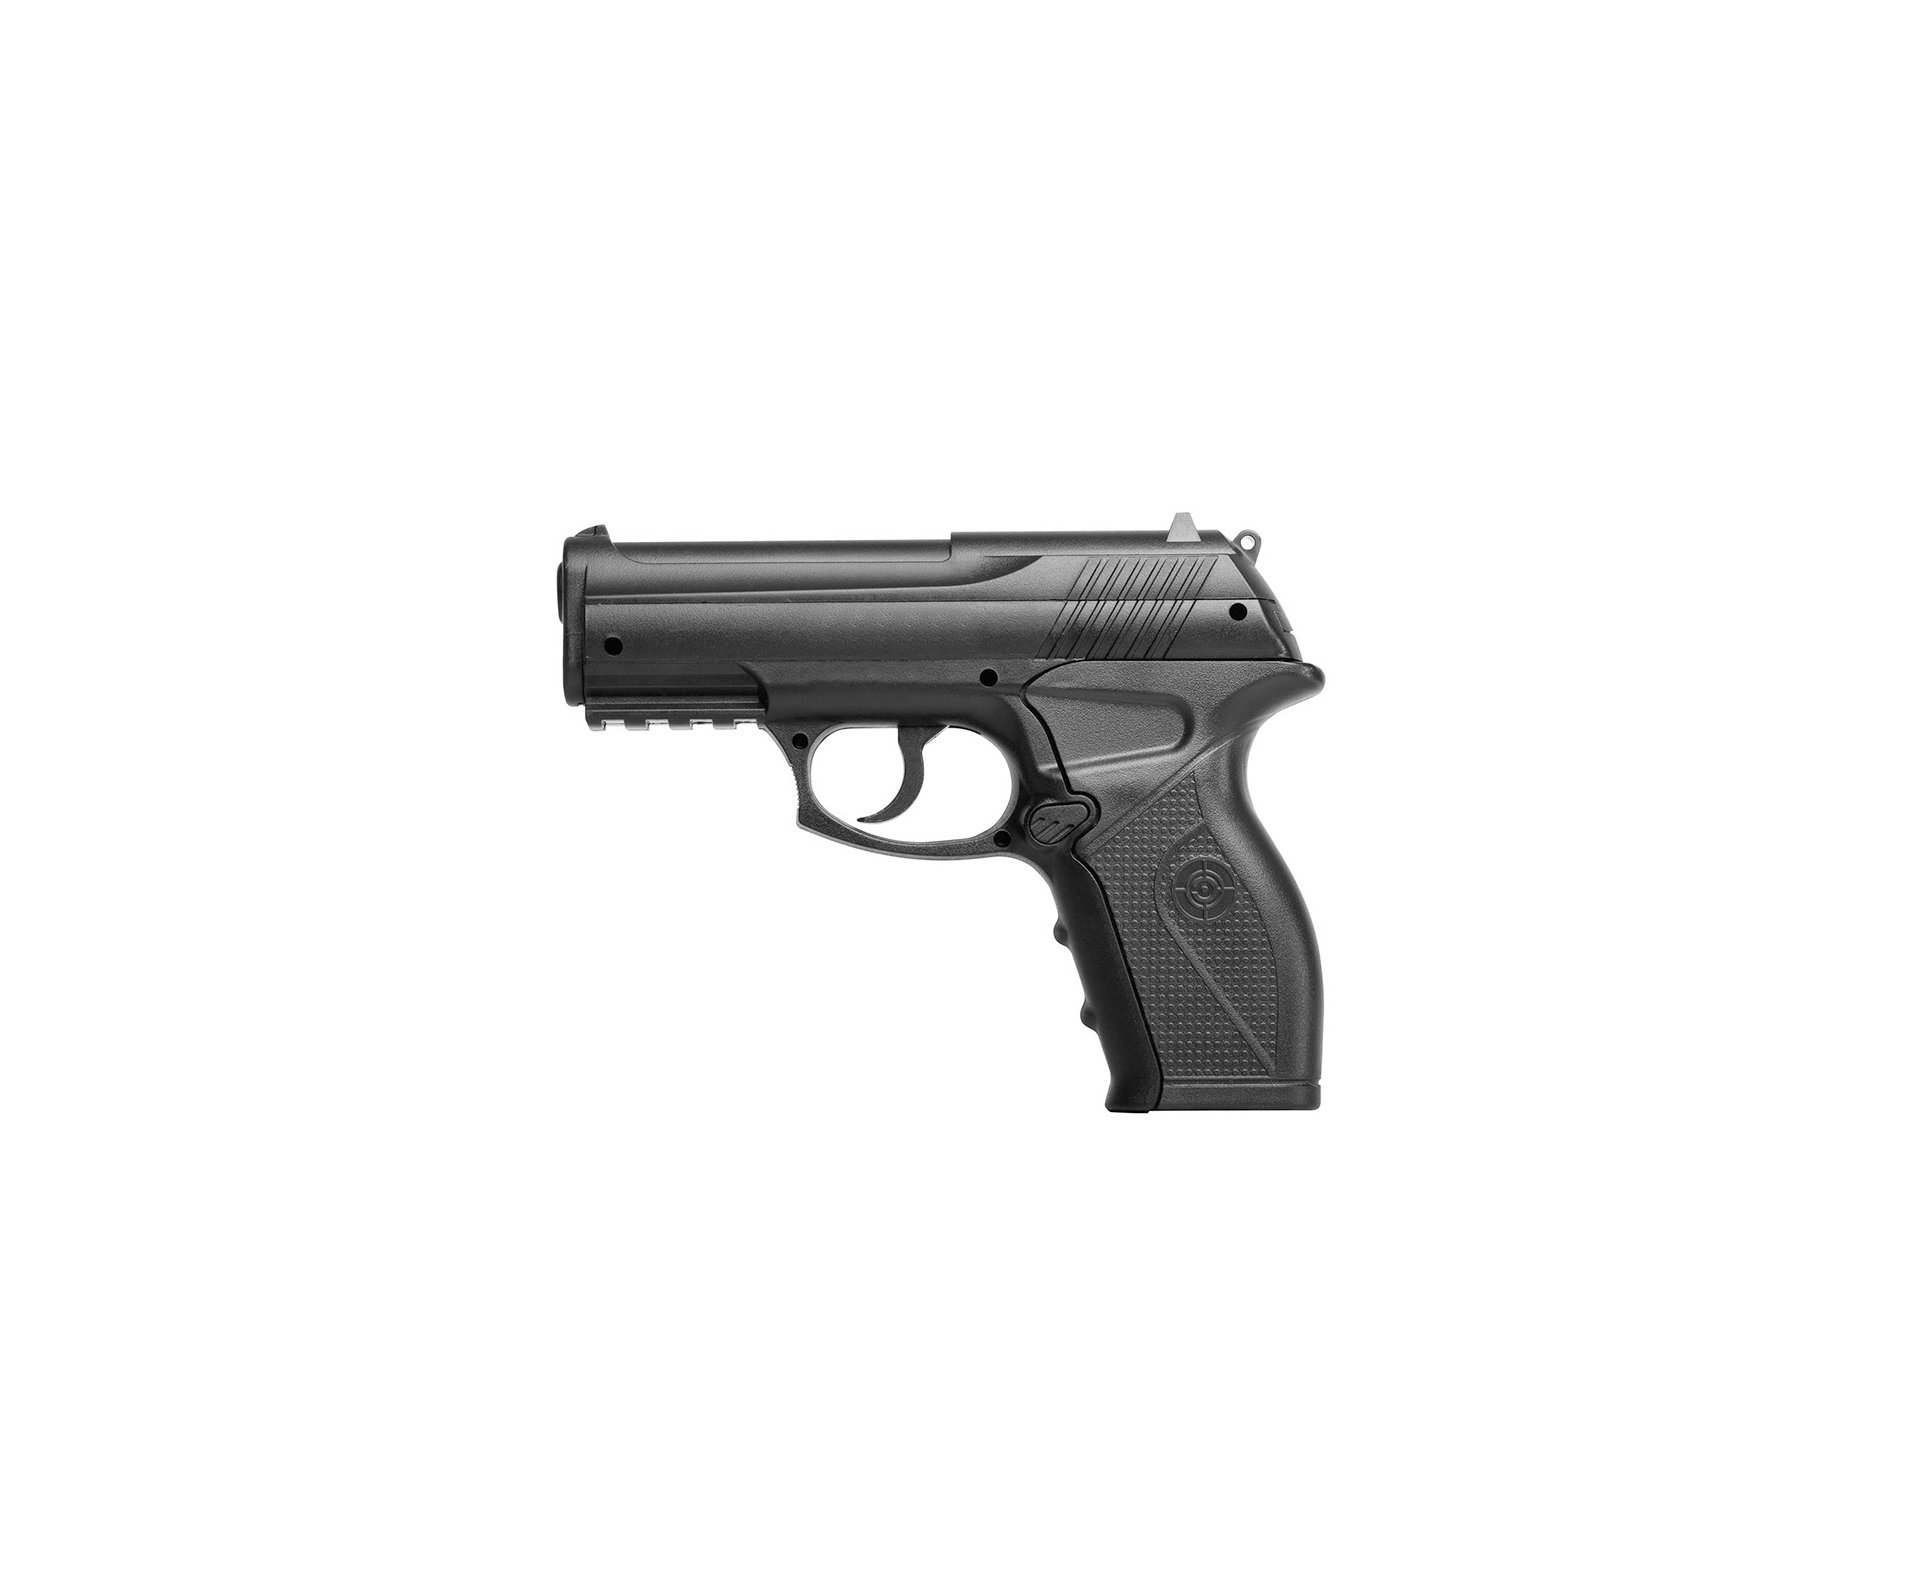 Pistola De Pressão Gas Co2 C11 Polímero Esferas Aço 4,5mm + Maleta + Esferas + Co2